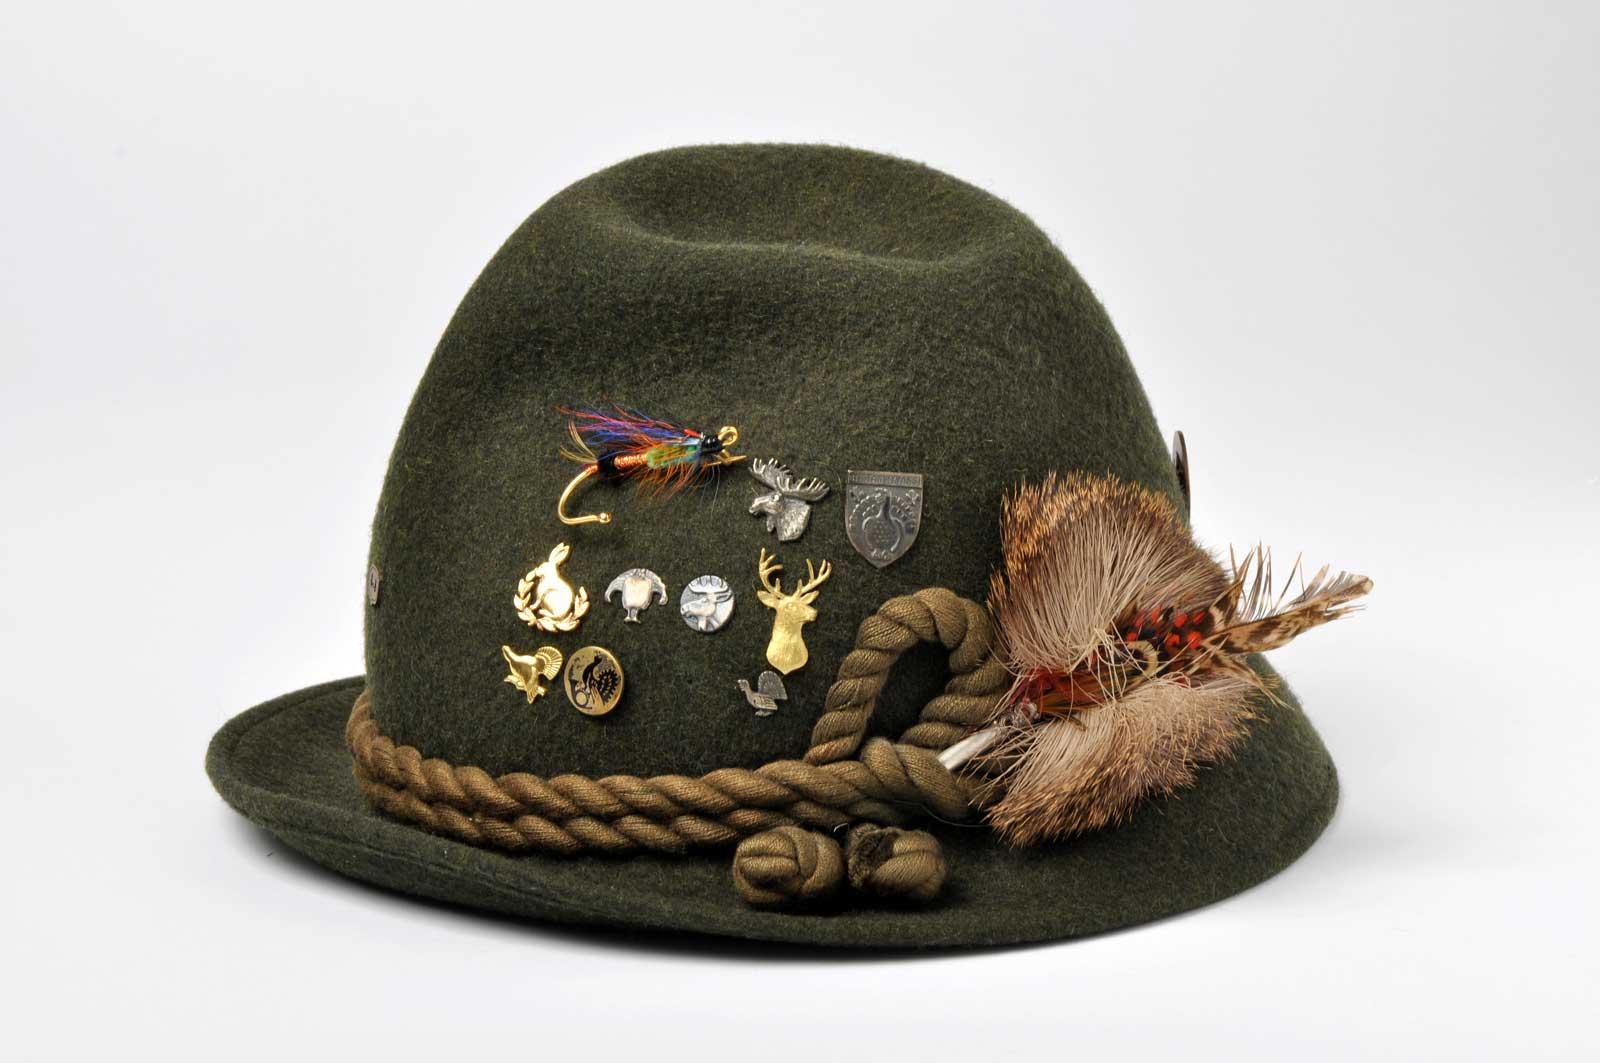 Itävallassa valmistettu perinteinen villahuopainen metsästyshattu merkkeineen.